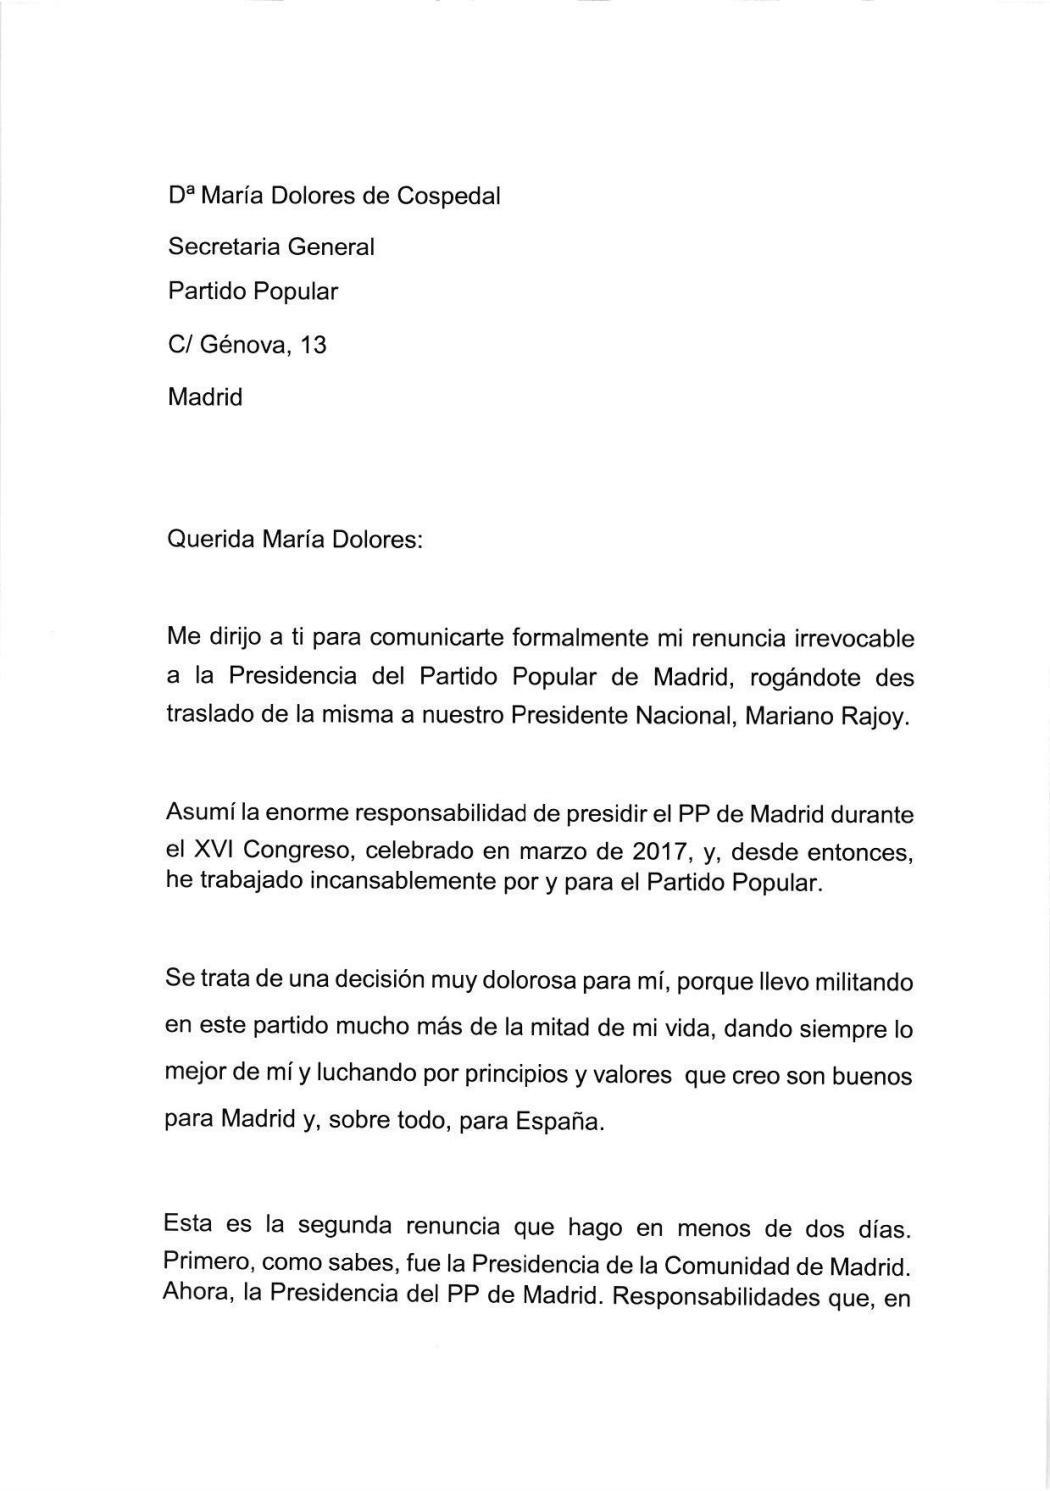 carta de renuncia de cifuentes by elespanol6